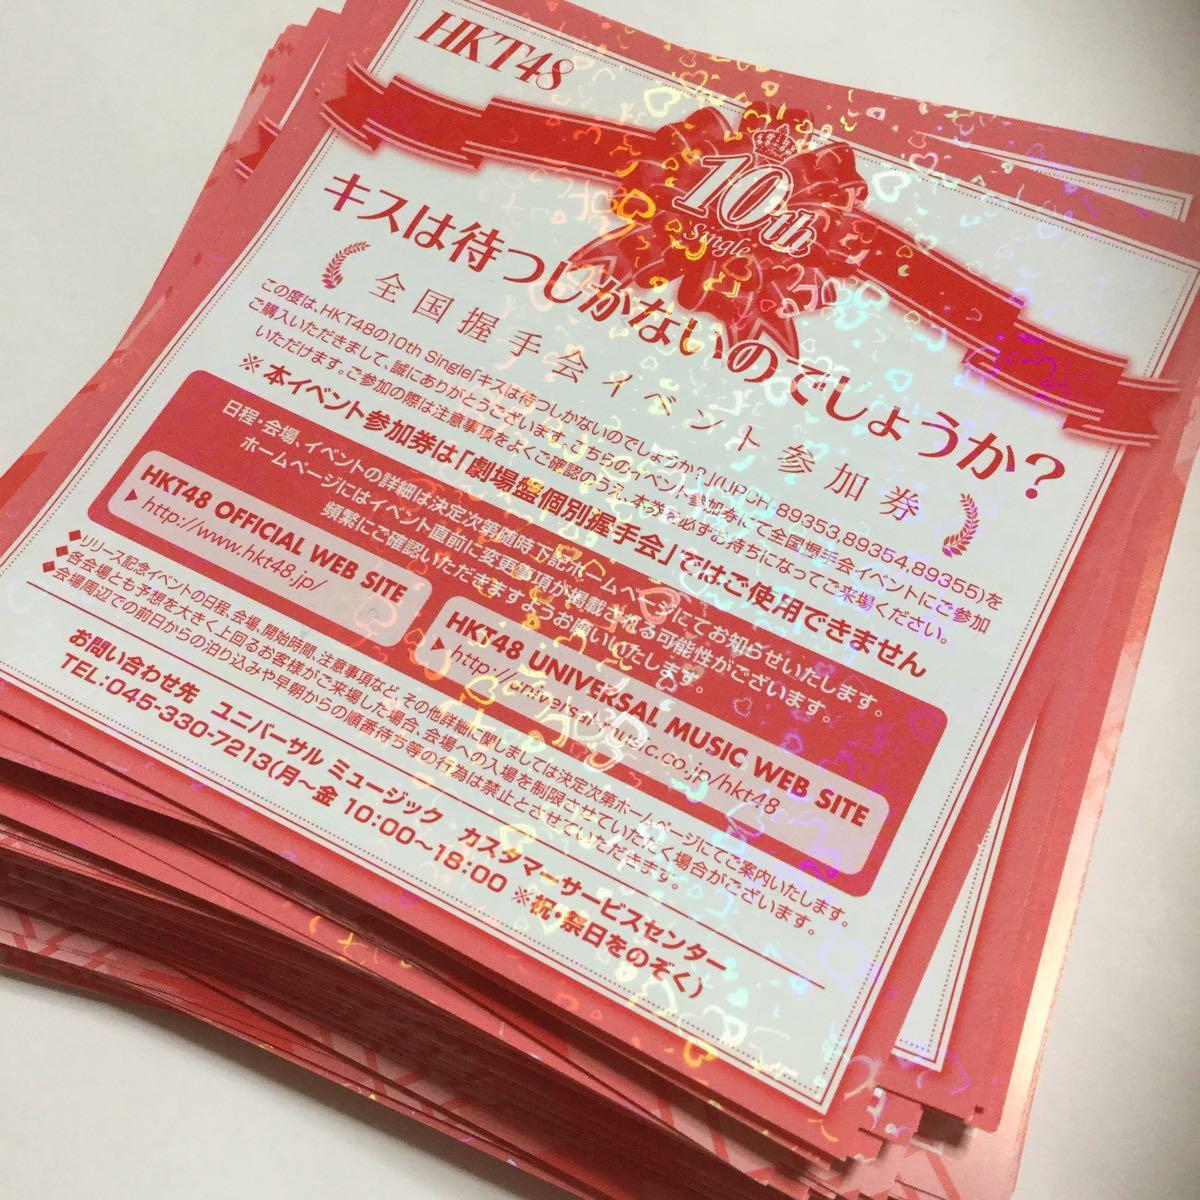 【10枚】HKT48 キスは待つしかないのでしょうか? 全国握手会 イベント参加券 握手券 270枚まで対応